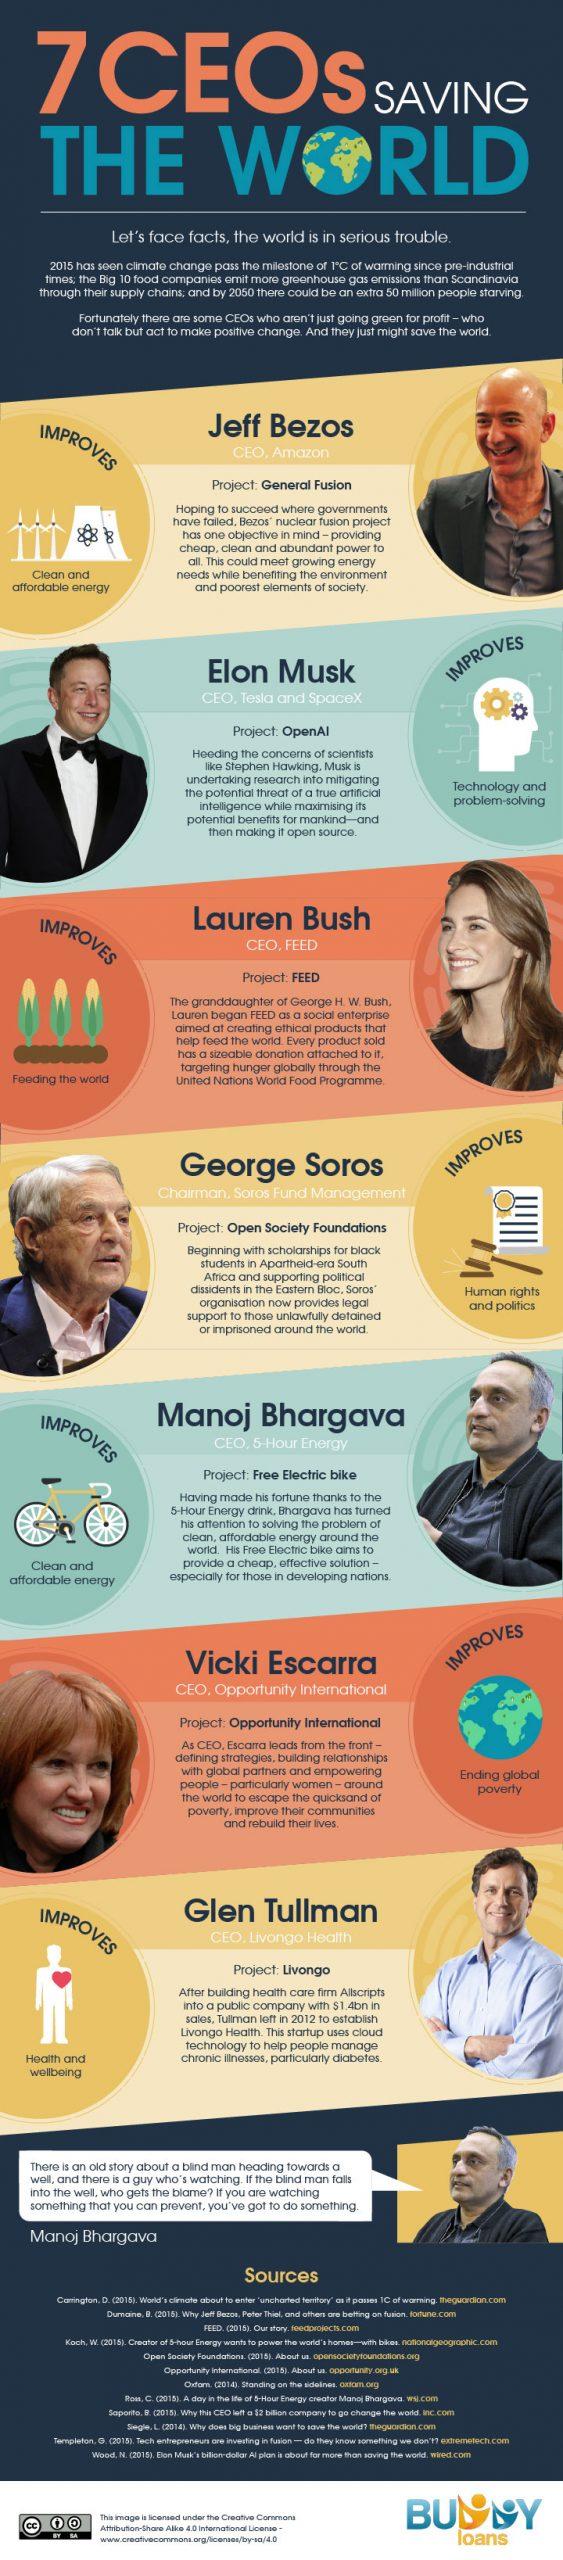 7 CEOs